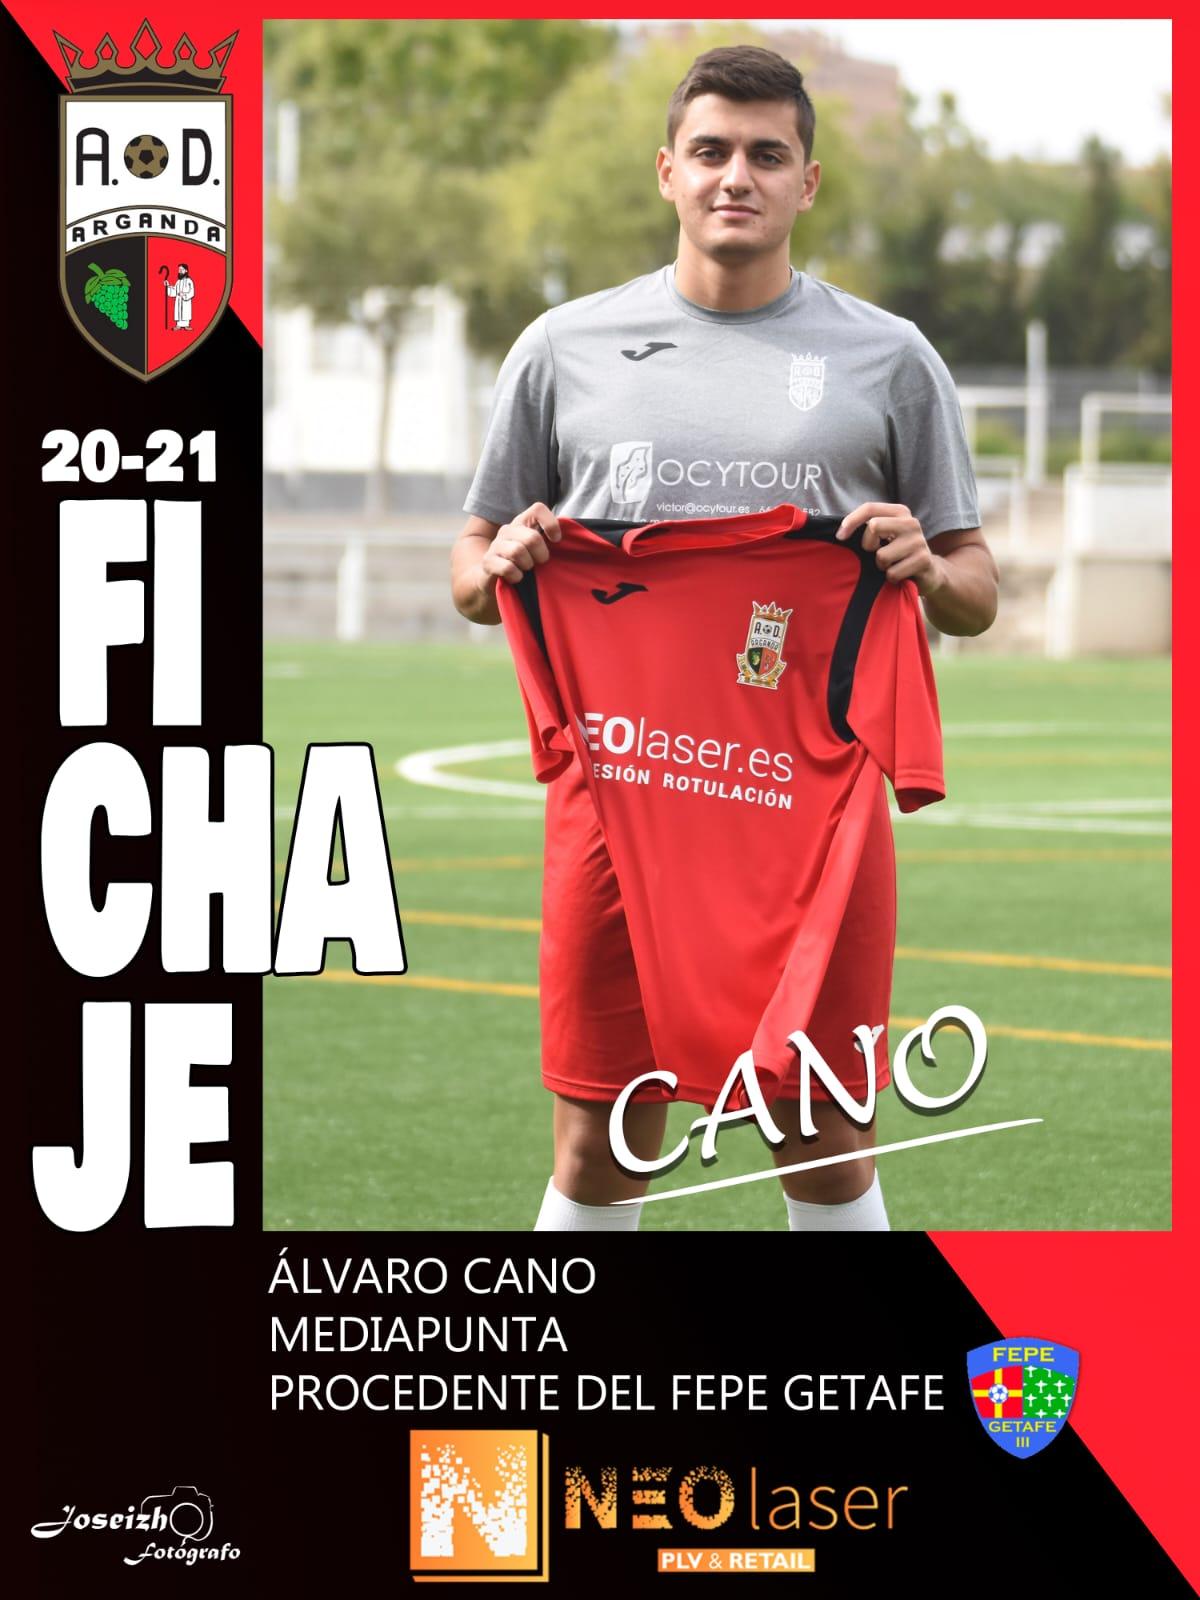 FICHAJE DE ÁLVARO CANO